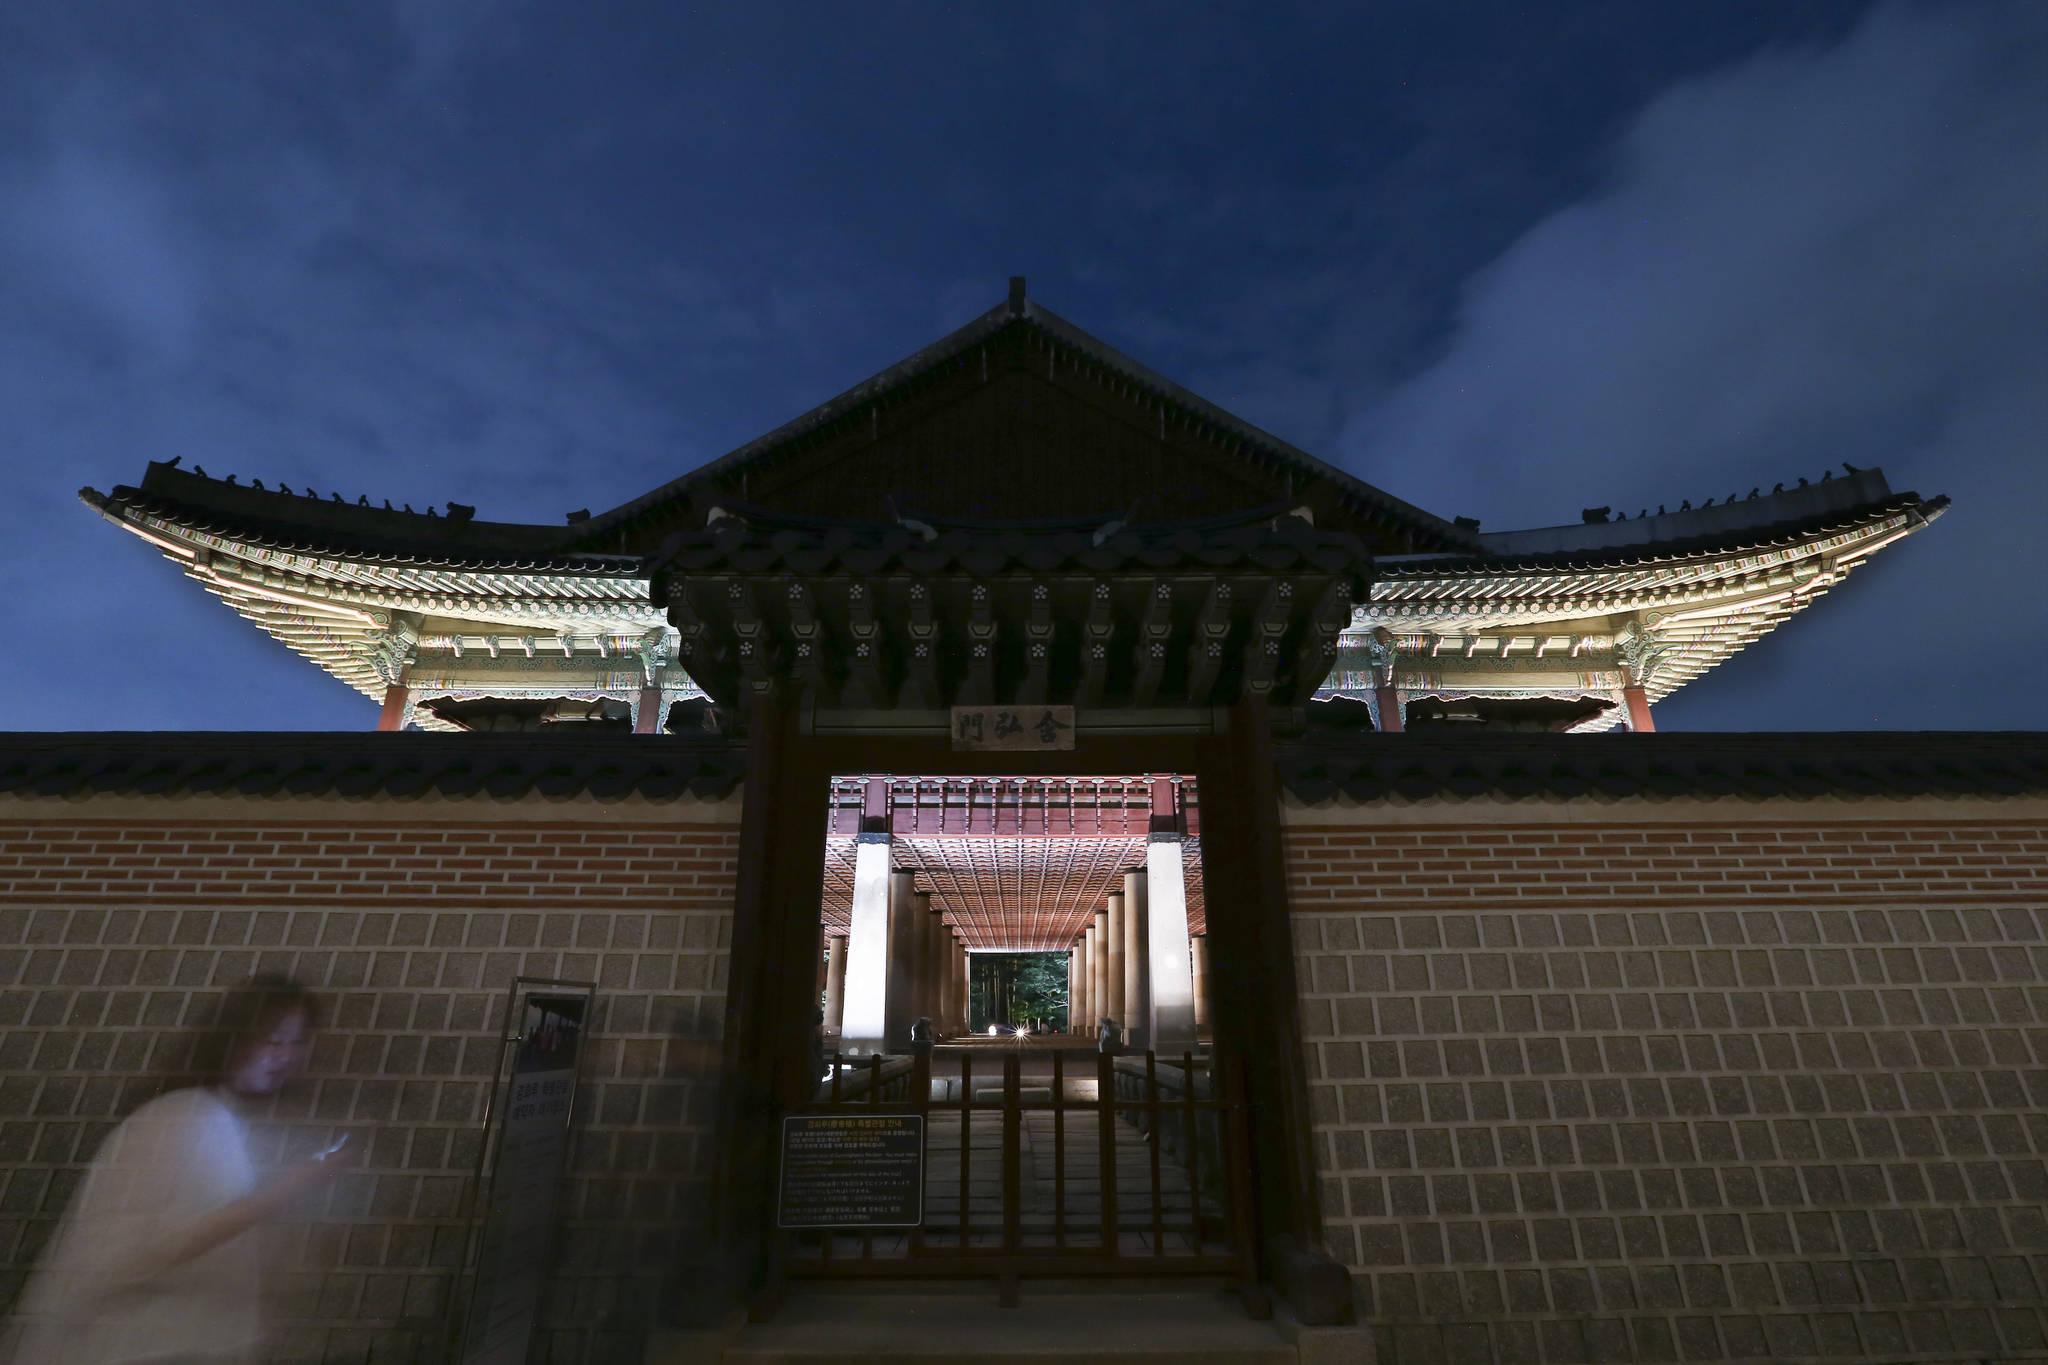 함홍문에서 바라본 아름다운 경회루의 모습. 임현동 기자